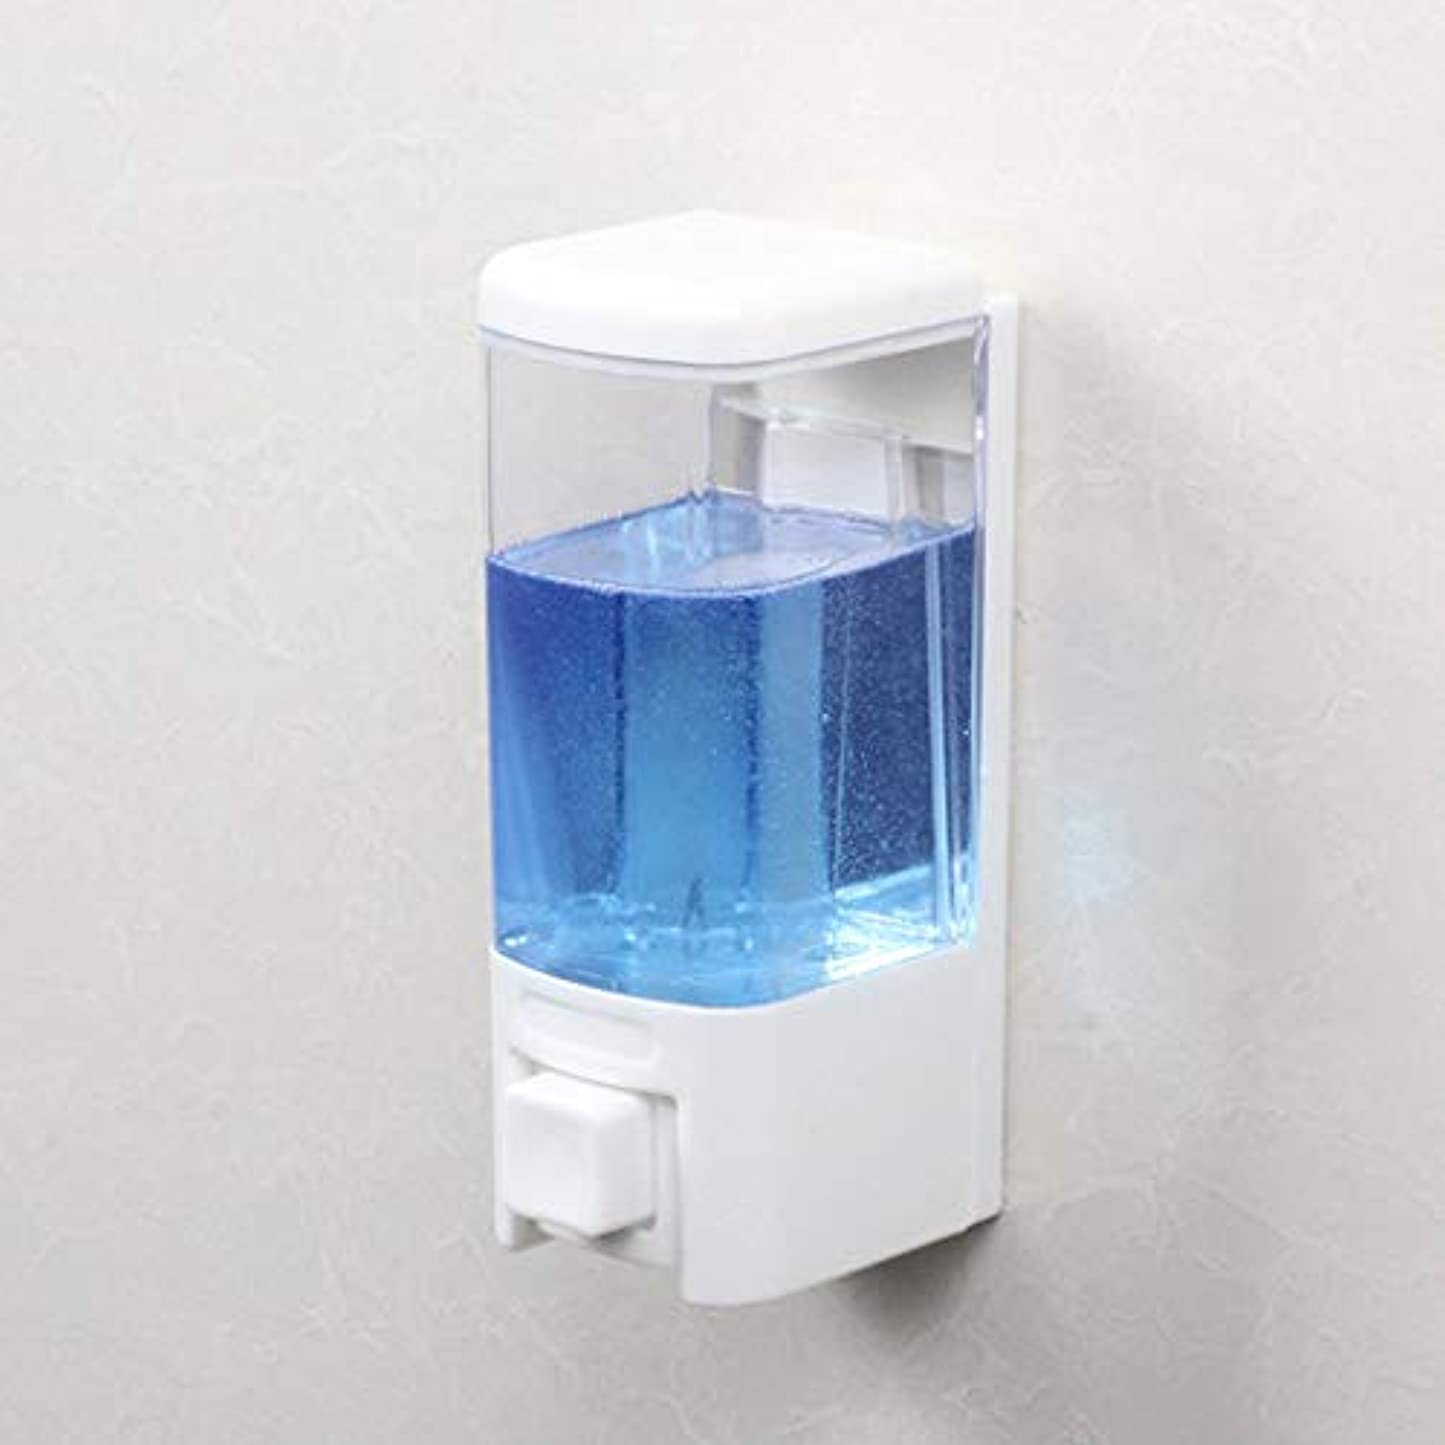 使用法リブアーカイブせっけん 浴室ソープディスペンサーホテル壁掛け風呂シングルヘッドソープマシンシャワージェルボックス漏れ防止手消毒剤ボトル 新しい